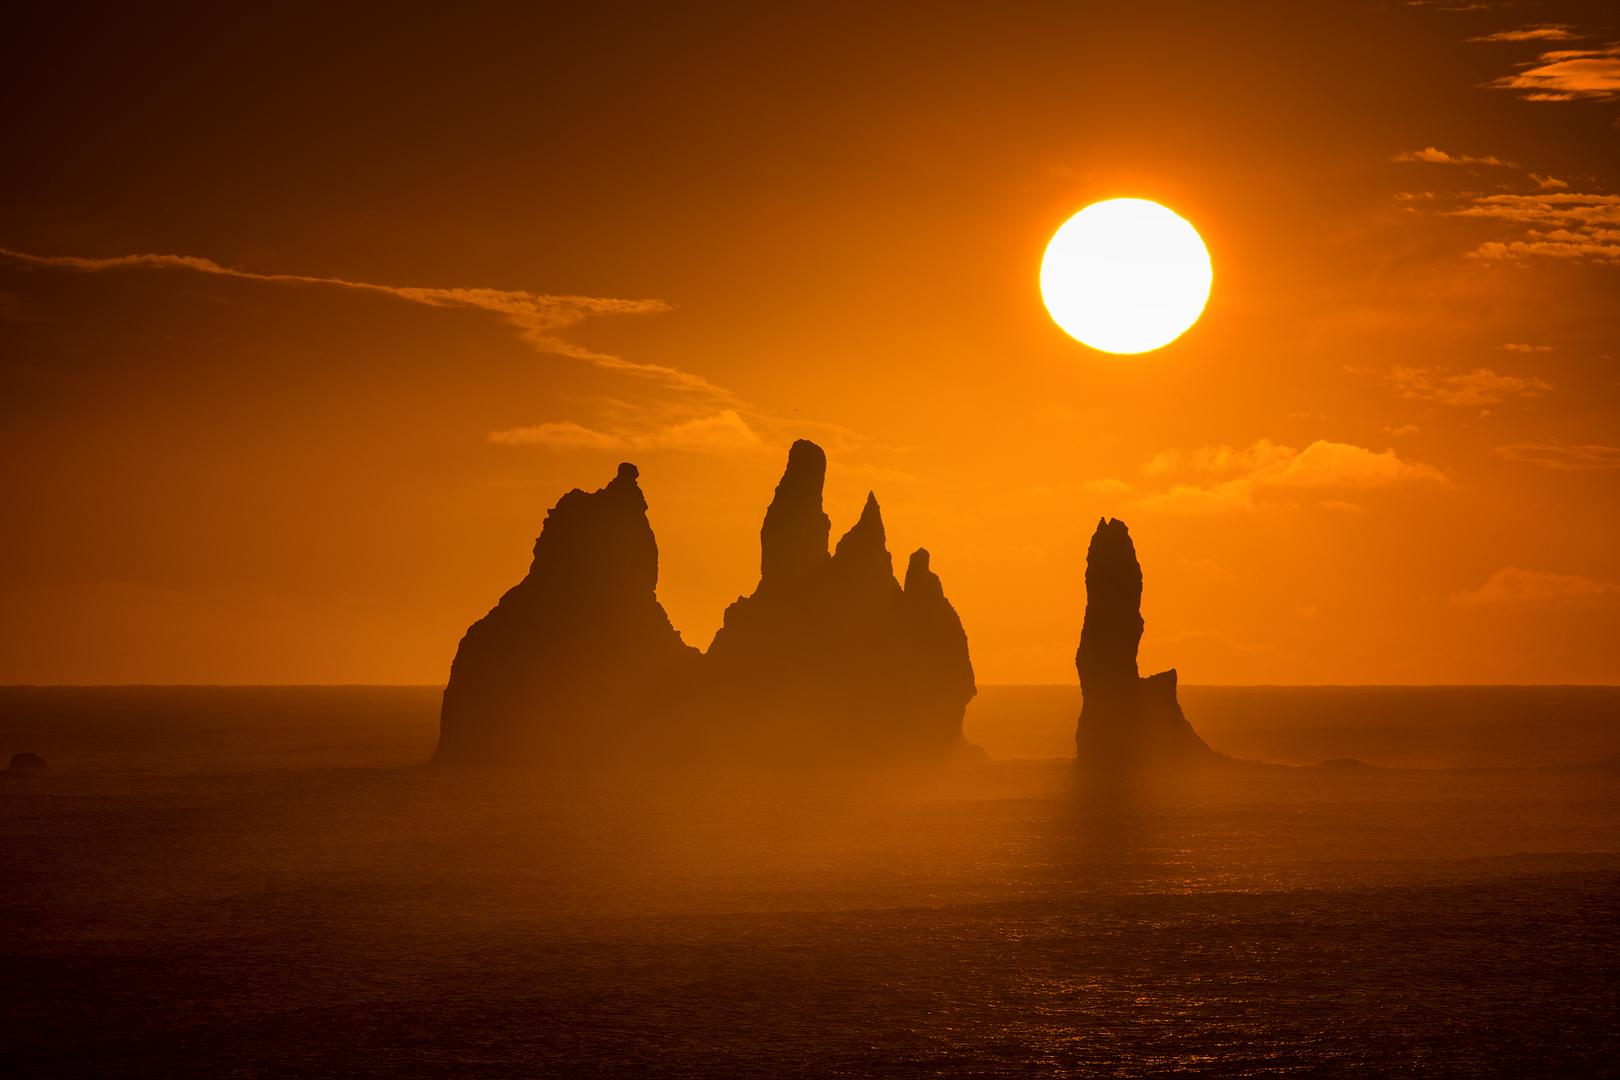 Il sole di mezzanotte splende sul mare, appena fuori dalla costa, sulla spiaggia di sabbia nera di Reynisfjara.